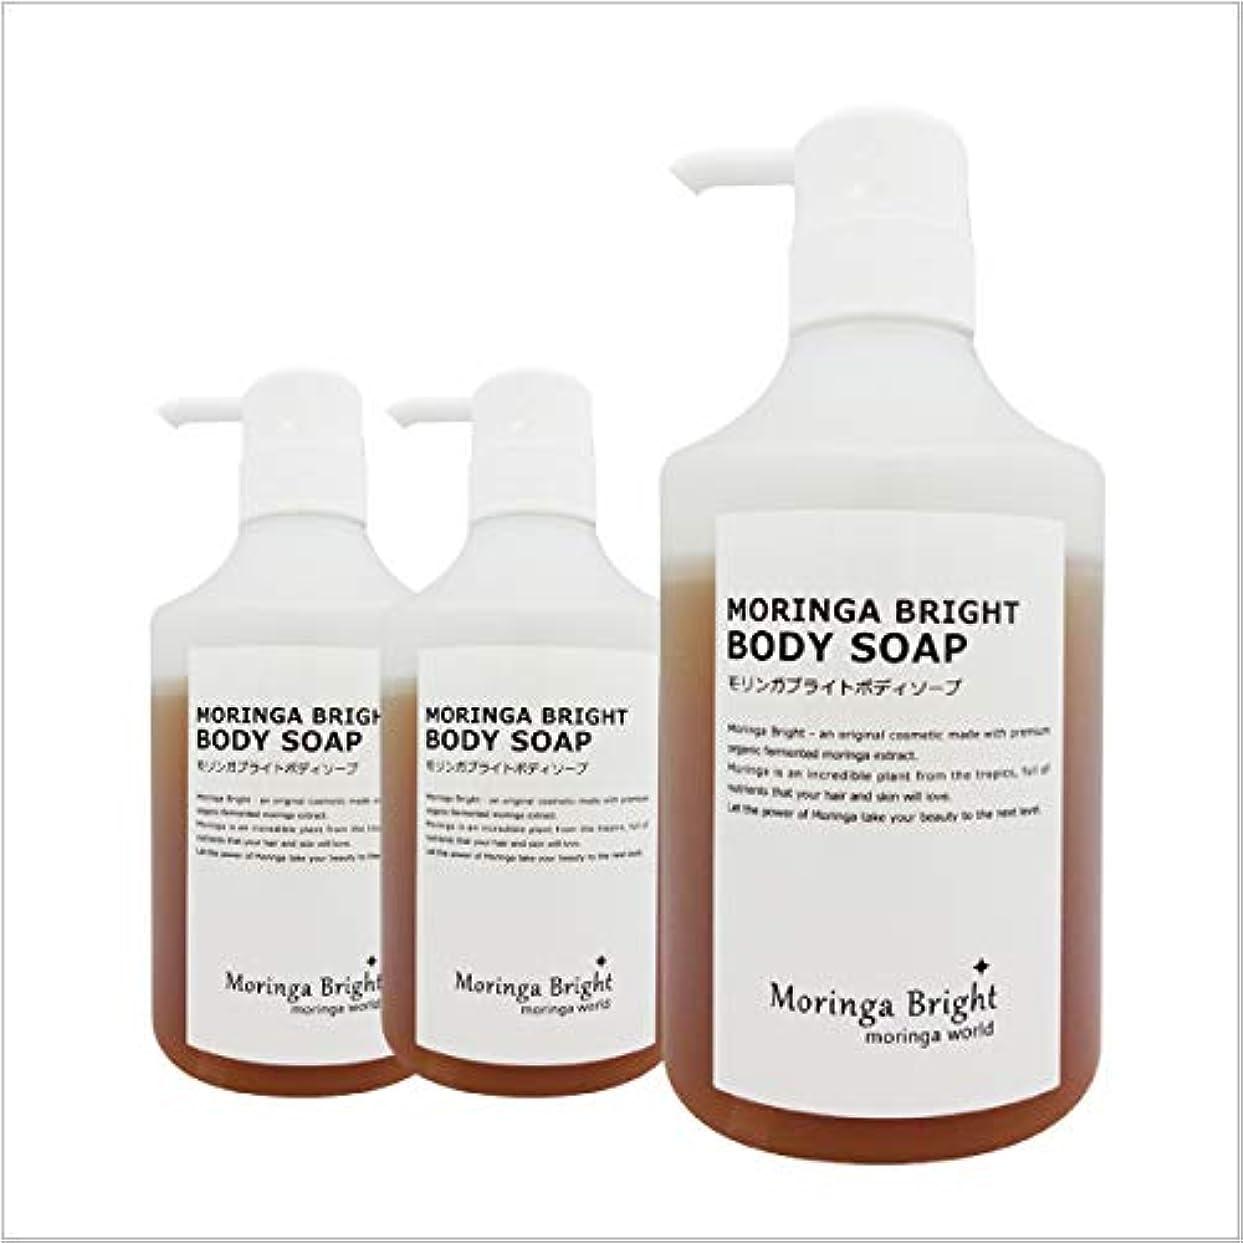 流行からに変化するトランスミッションモリンガブライトボディソープ(450ml x 3本)洗顔もできる無添加ボディソープ オーガニックモリンガを乳酸発酵させた保湿美容成分「発酵モリンガエキス」配合」